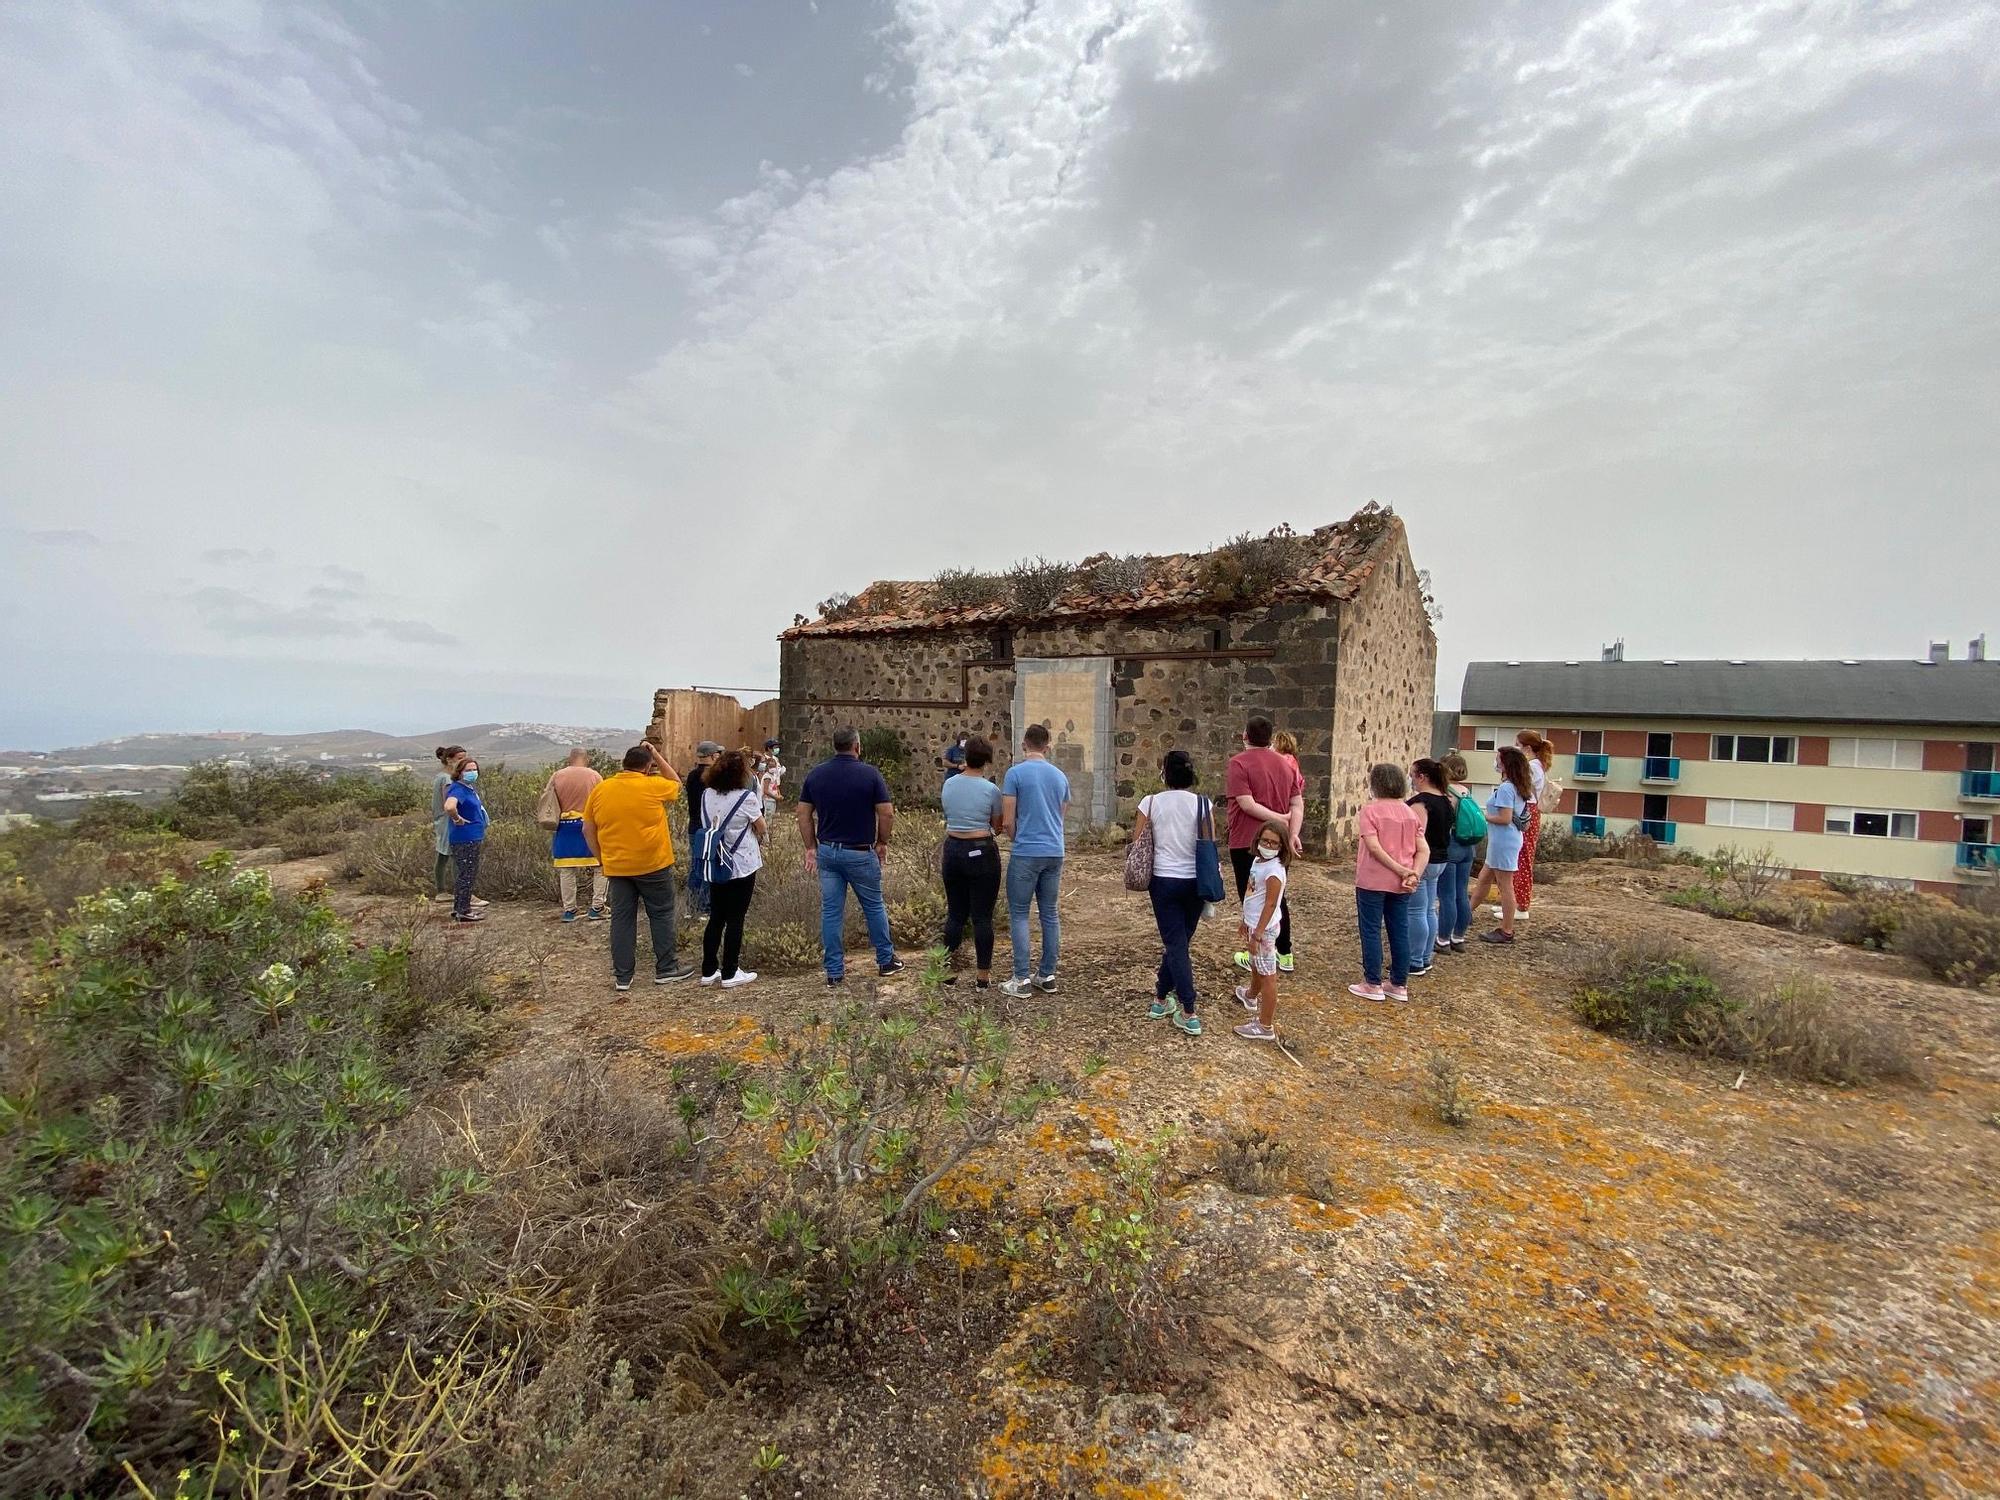 Visitas al cortijo de San Gregorio organizadas por el colectivo Bentejui